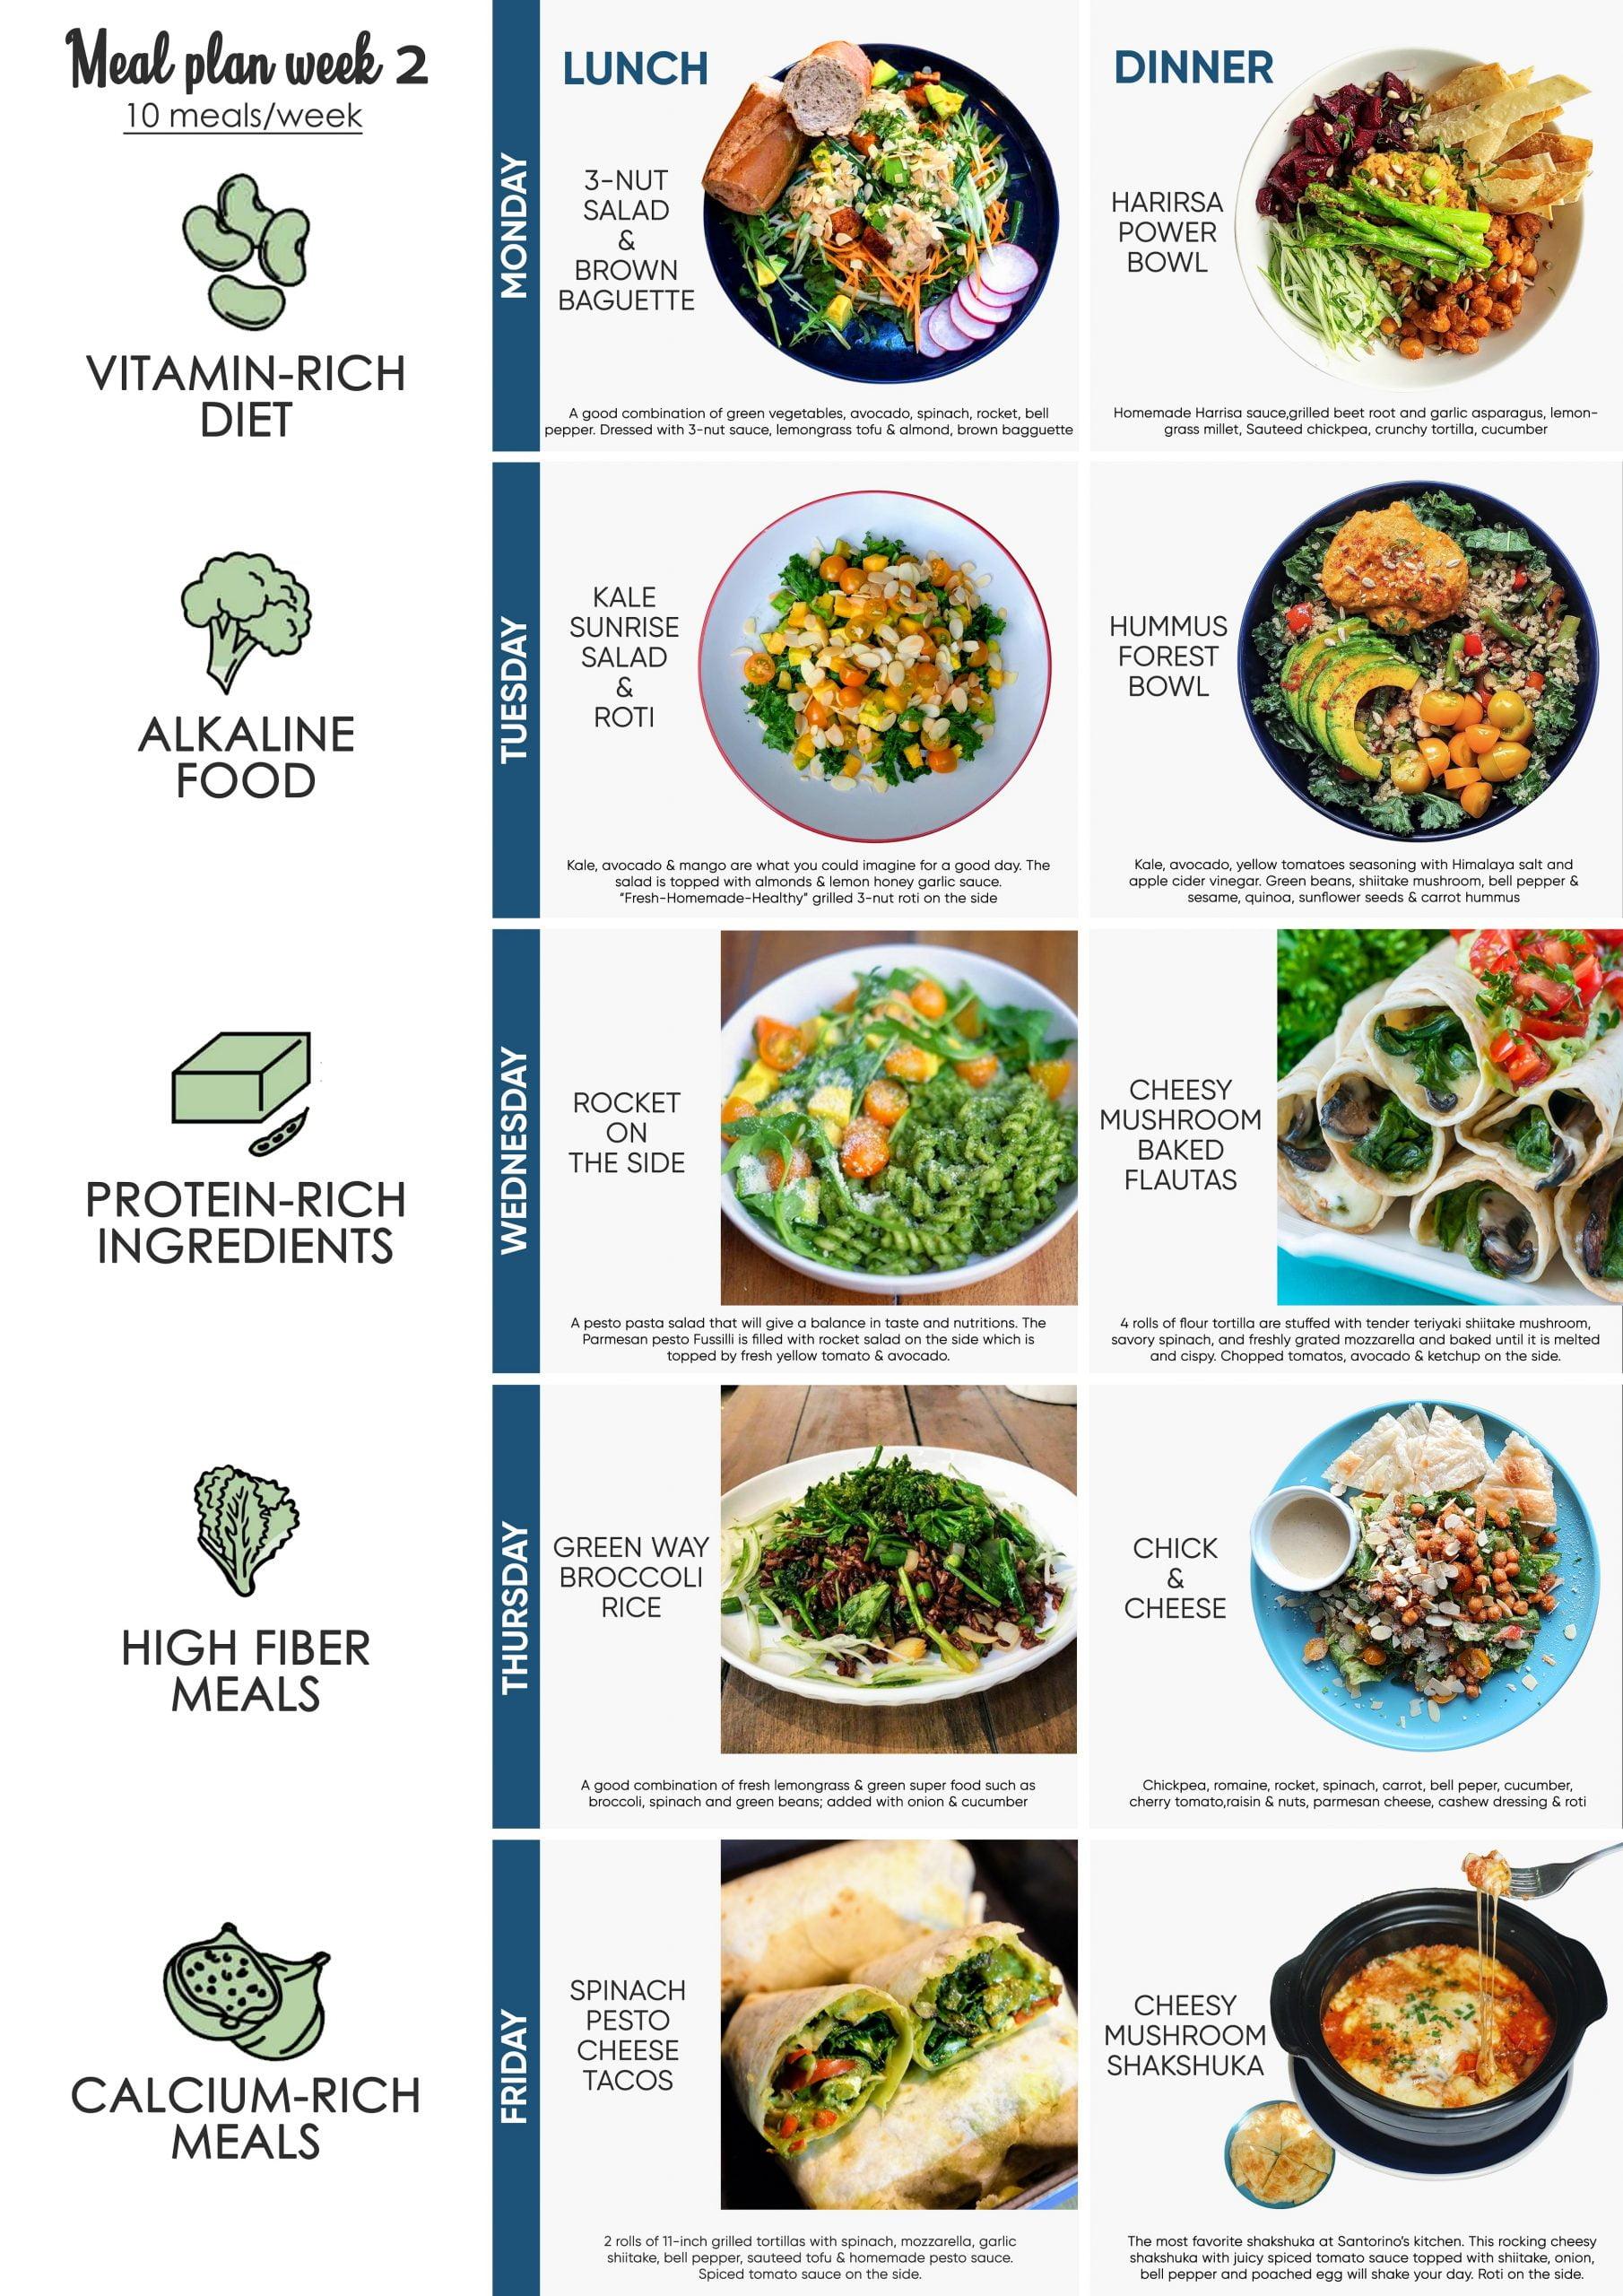 Santorino vegetarian meal plan week 2